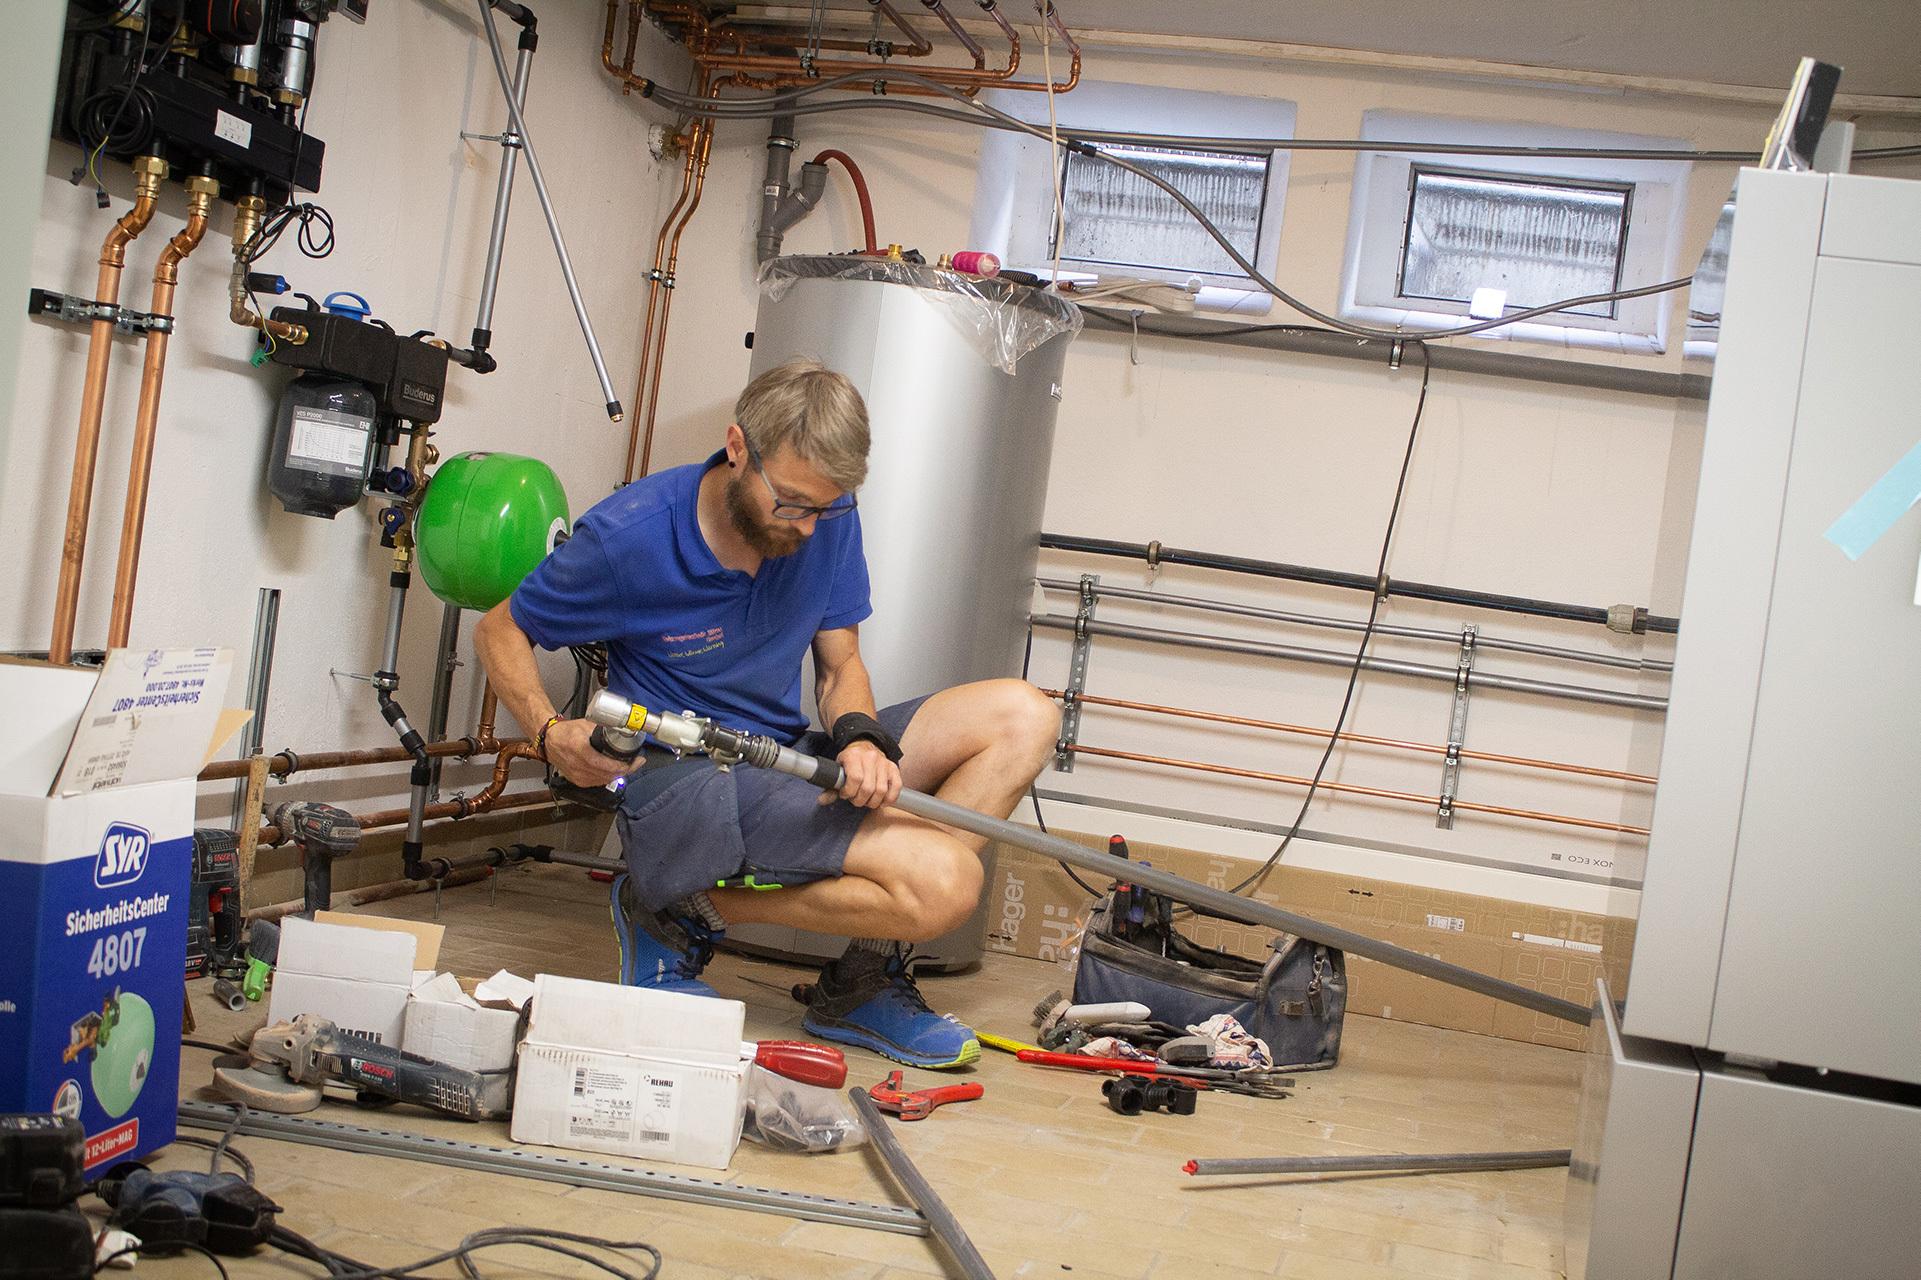 Wartung von Sanitär- und Heizungstechnik